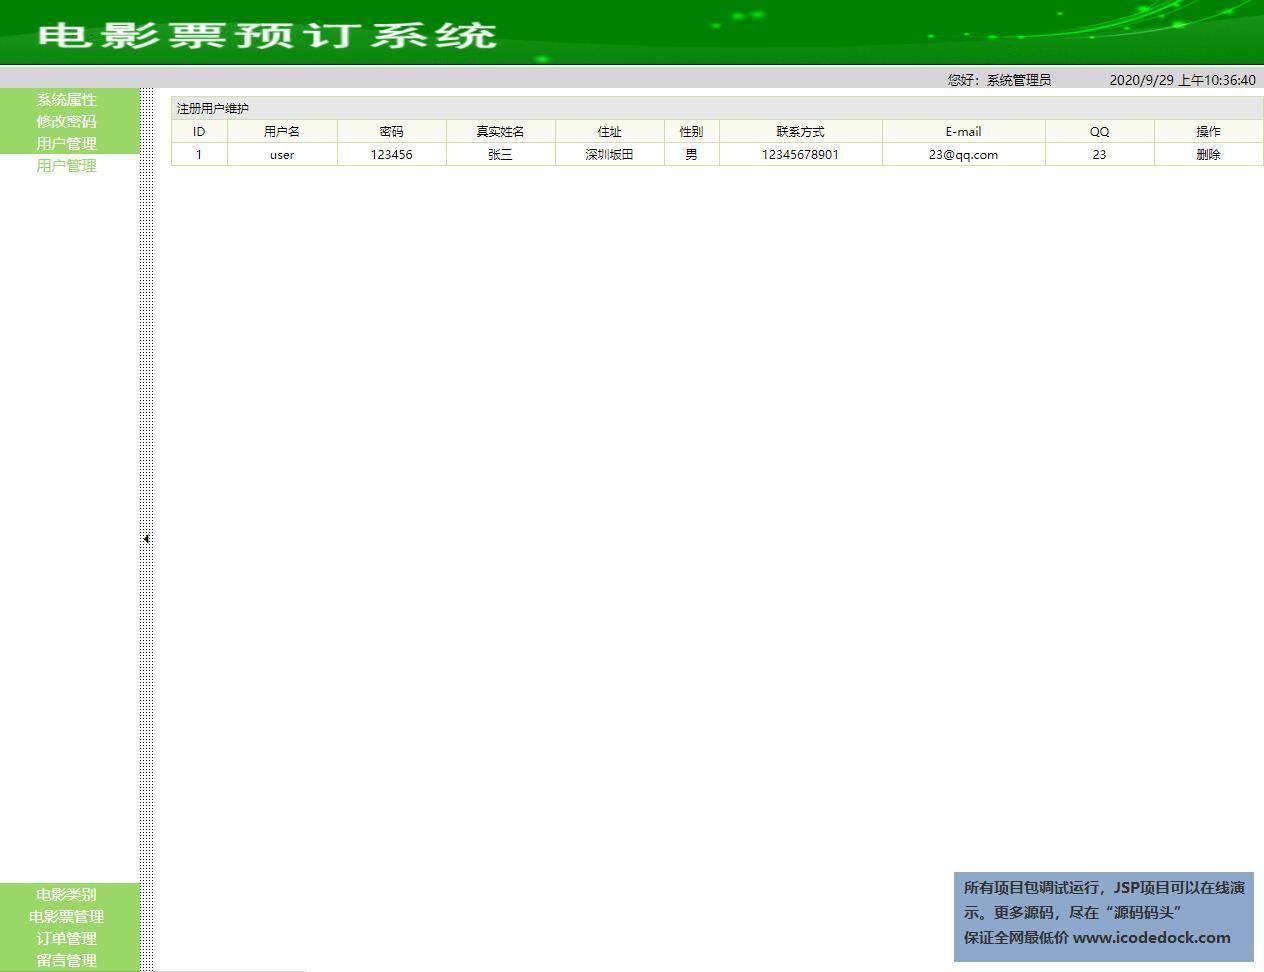 源码码头-SSH电影在线售票管理系统-管理员角色-用户管理